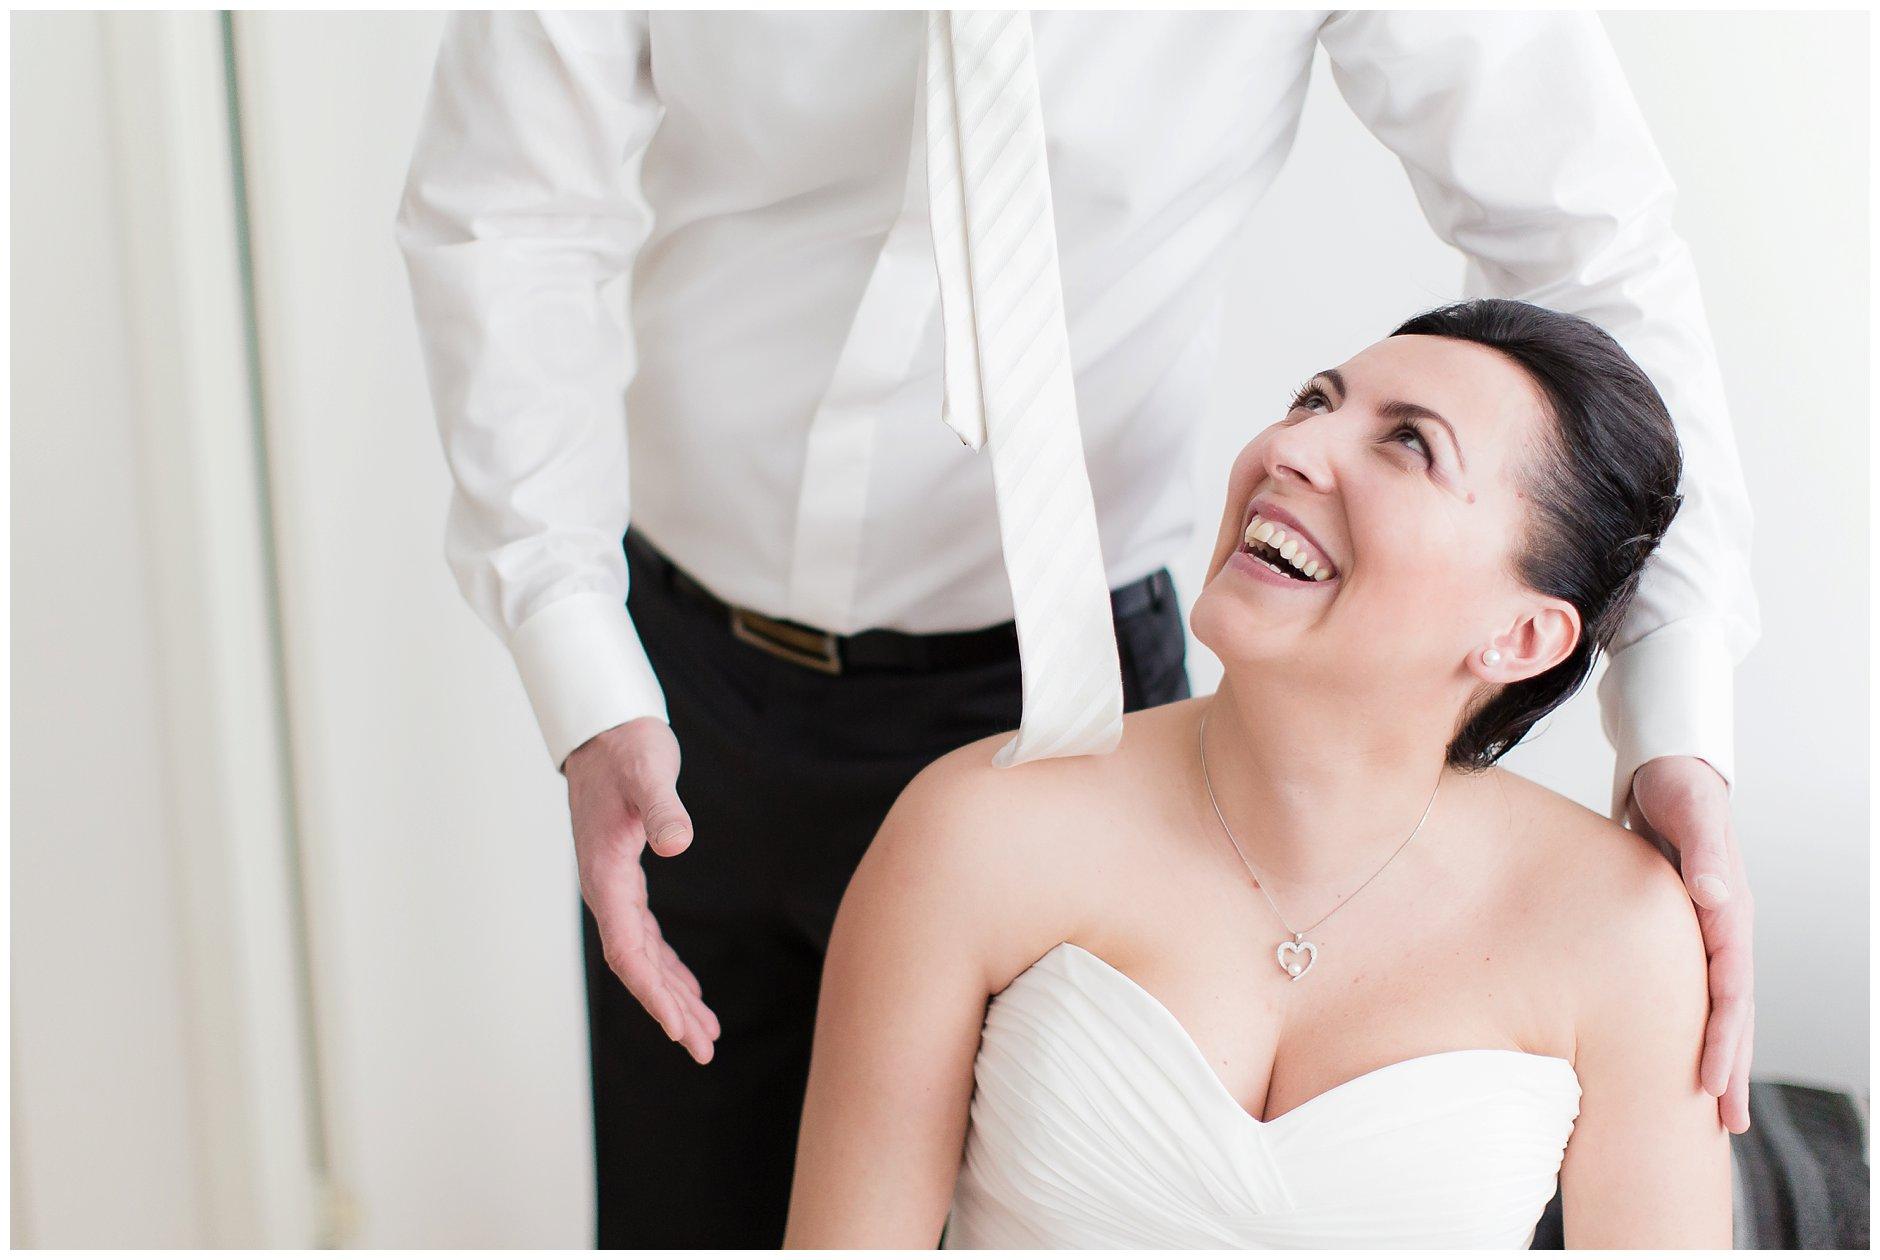 Fotograf-Eline-Jacobine-Bryllup-2014-fotografens-favoritter_0016